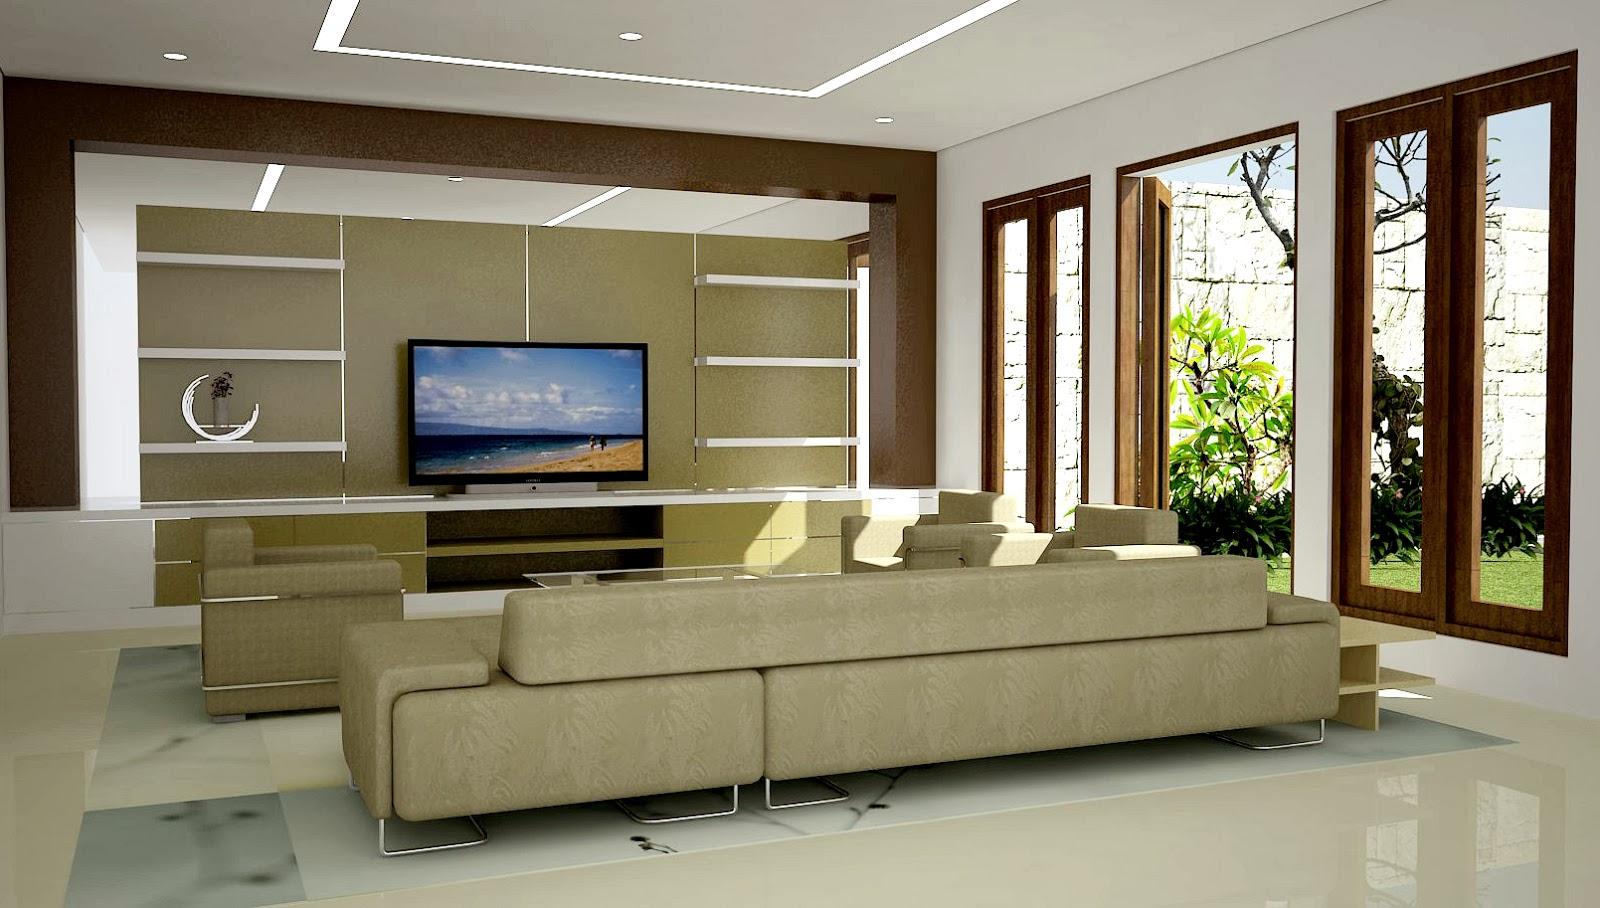 Desain Interior Ruang Keluarga Modern | Terbaru 2016